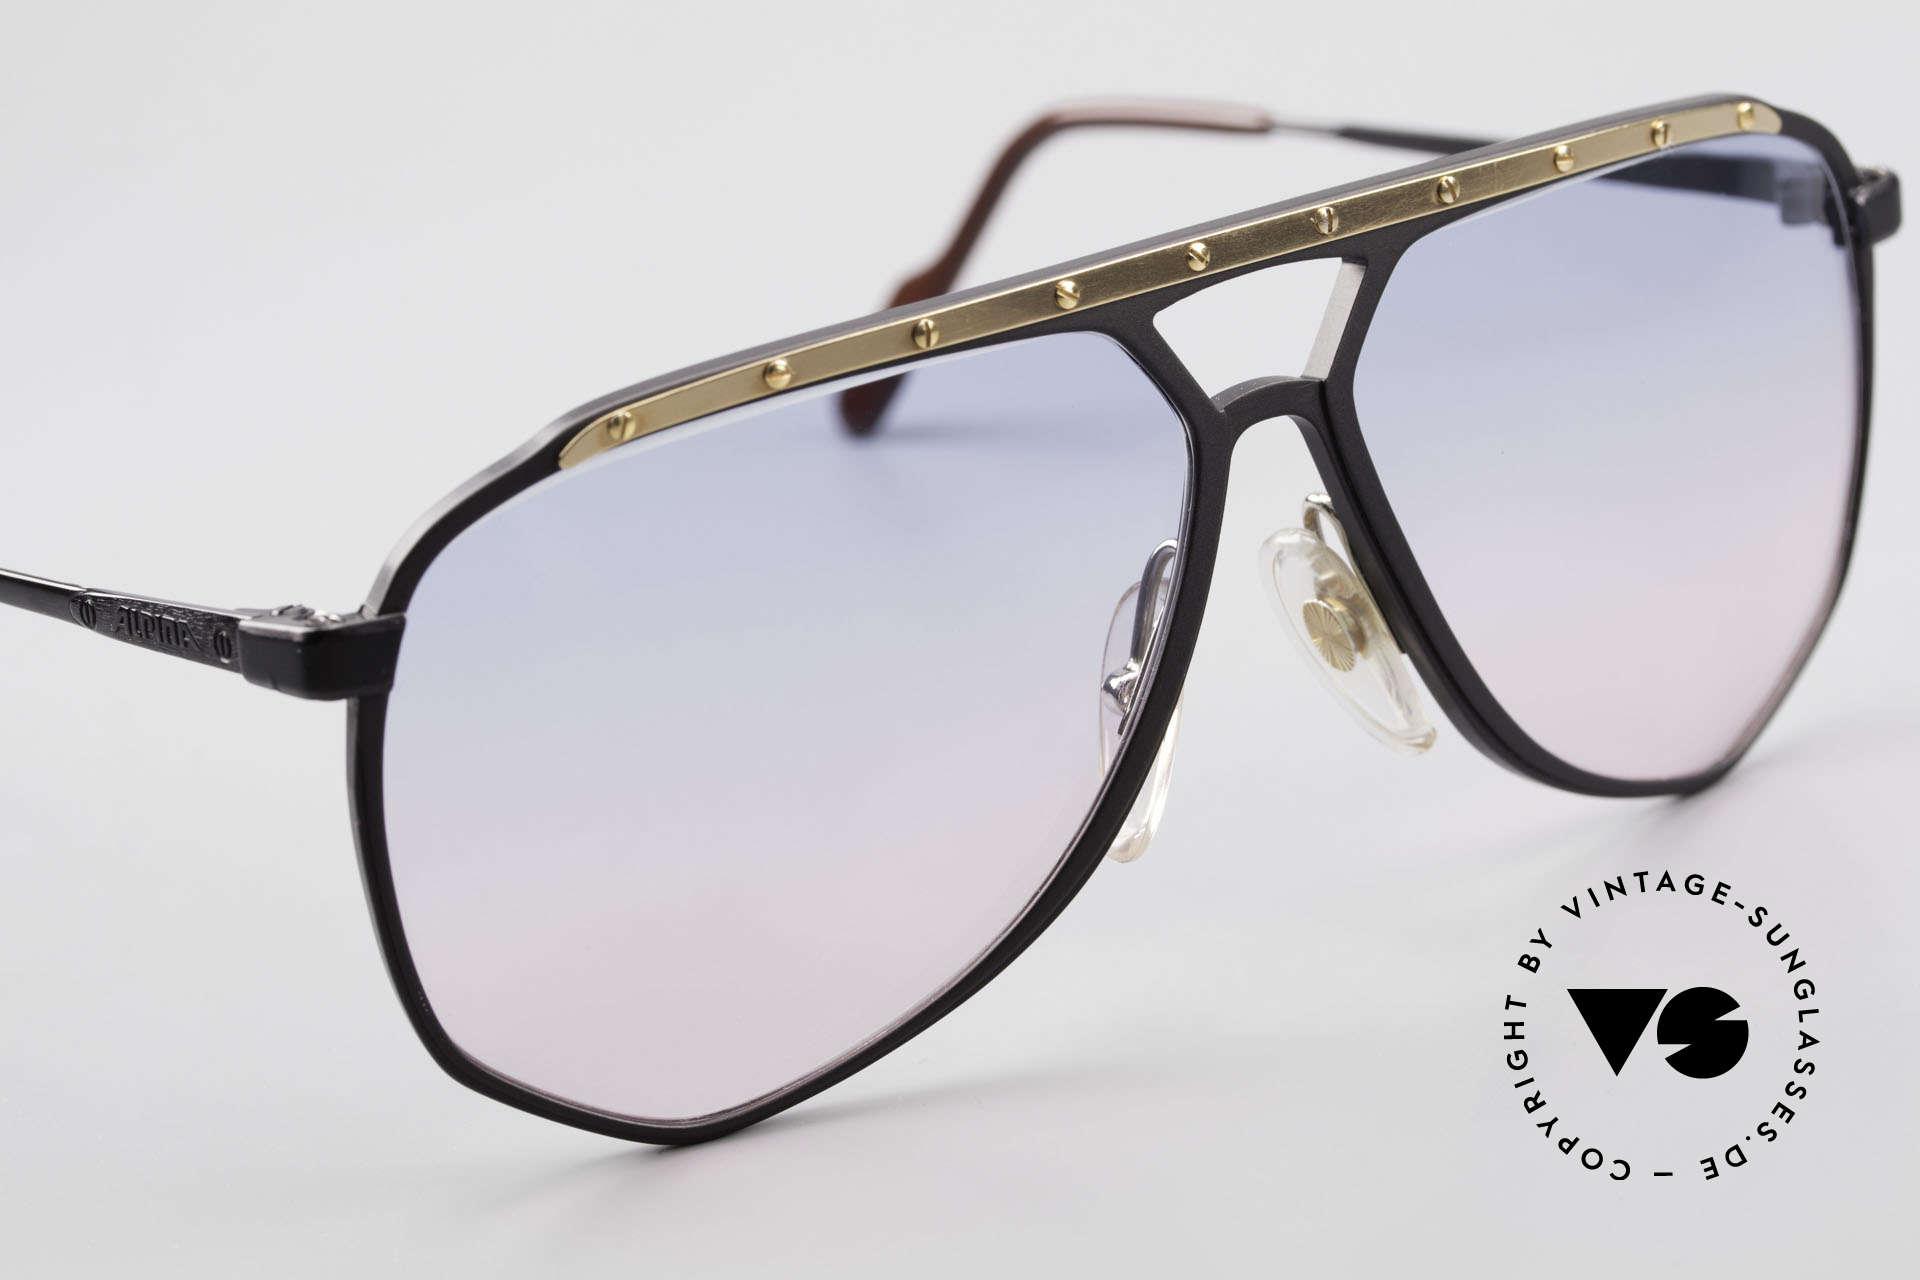 Alpina M1/4 Alte 80er Brille Baby-Blau Pink, KEINE RETROBRILLE; das 30 Jahre alte ORIGINAL, Passend für Herren